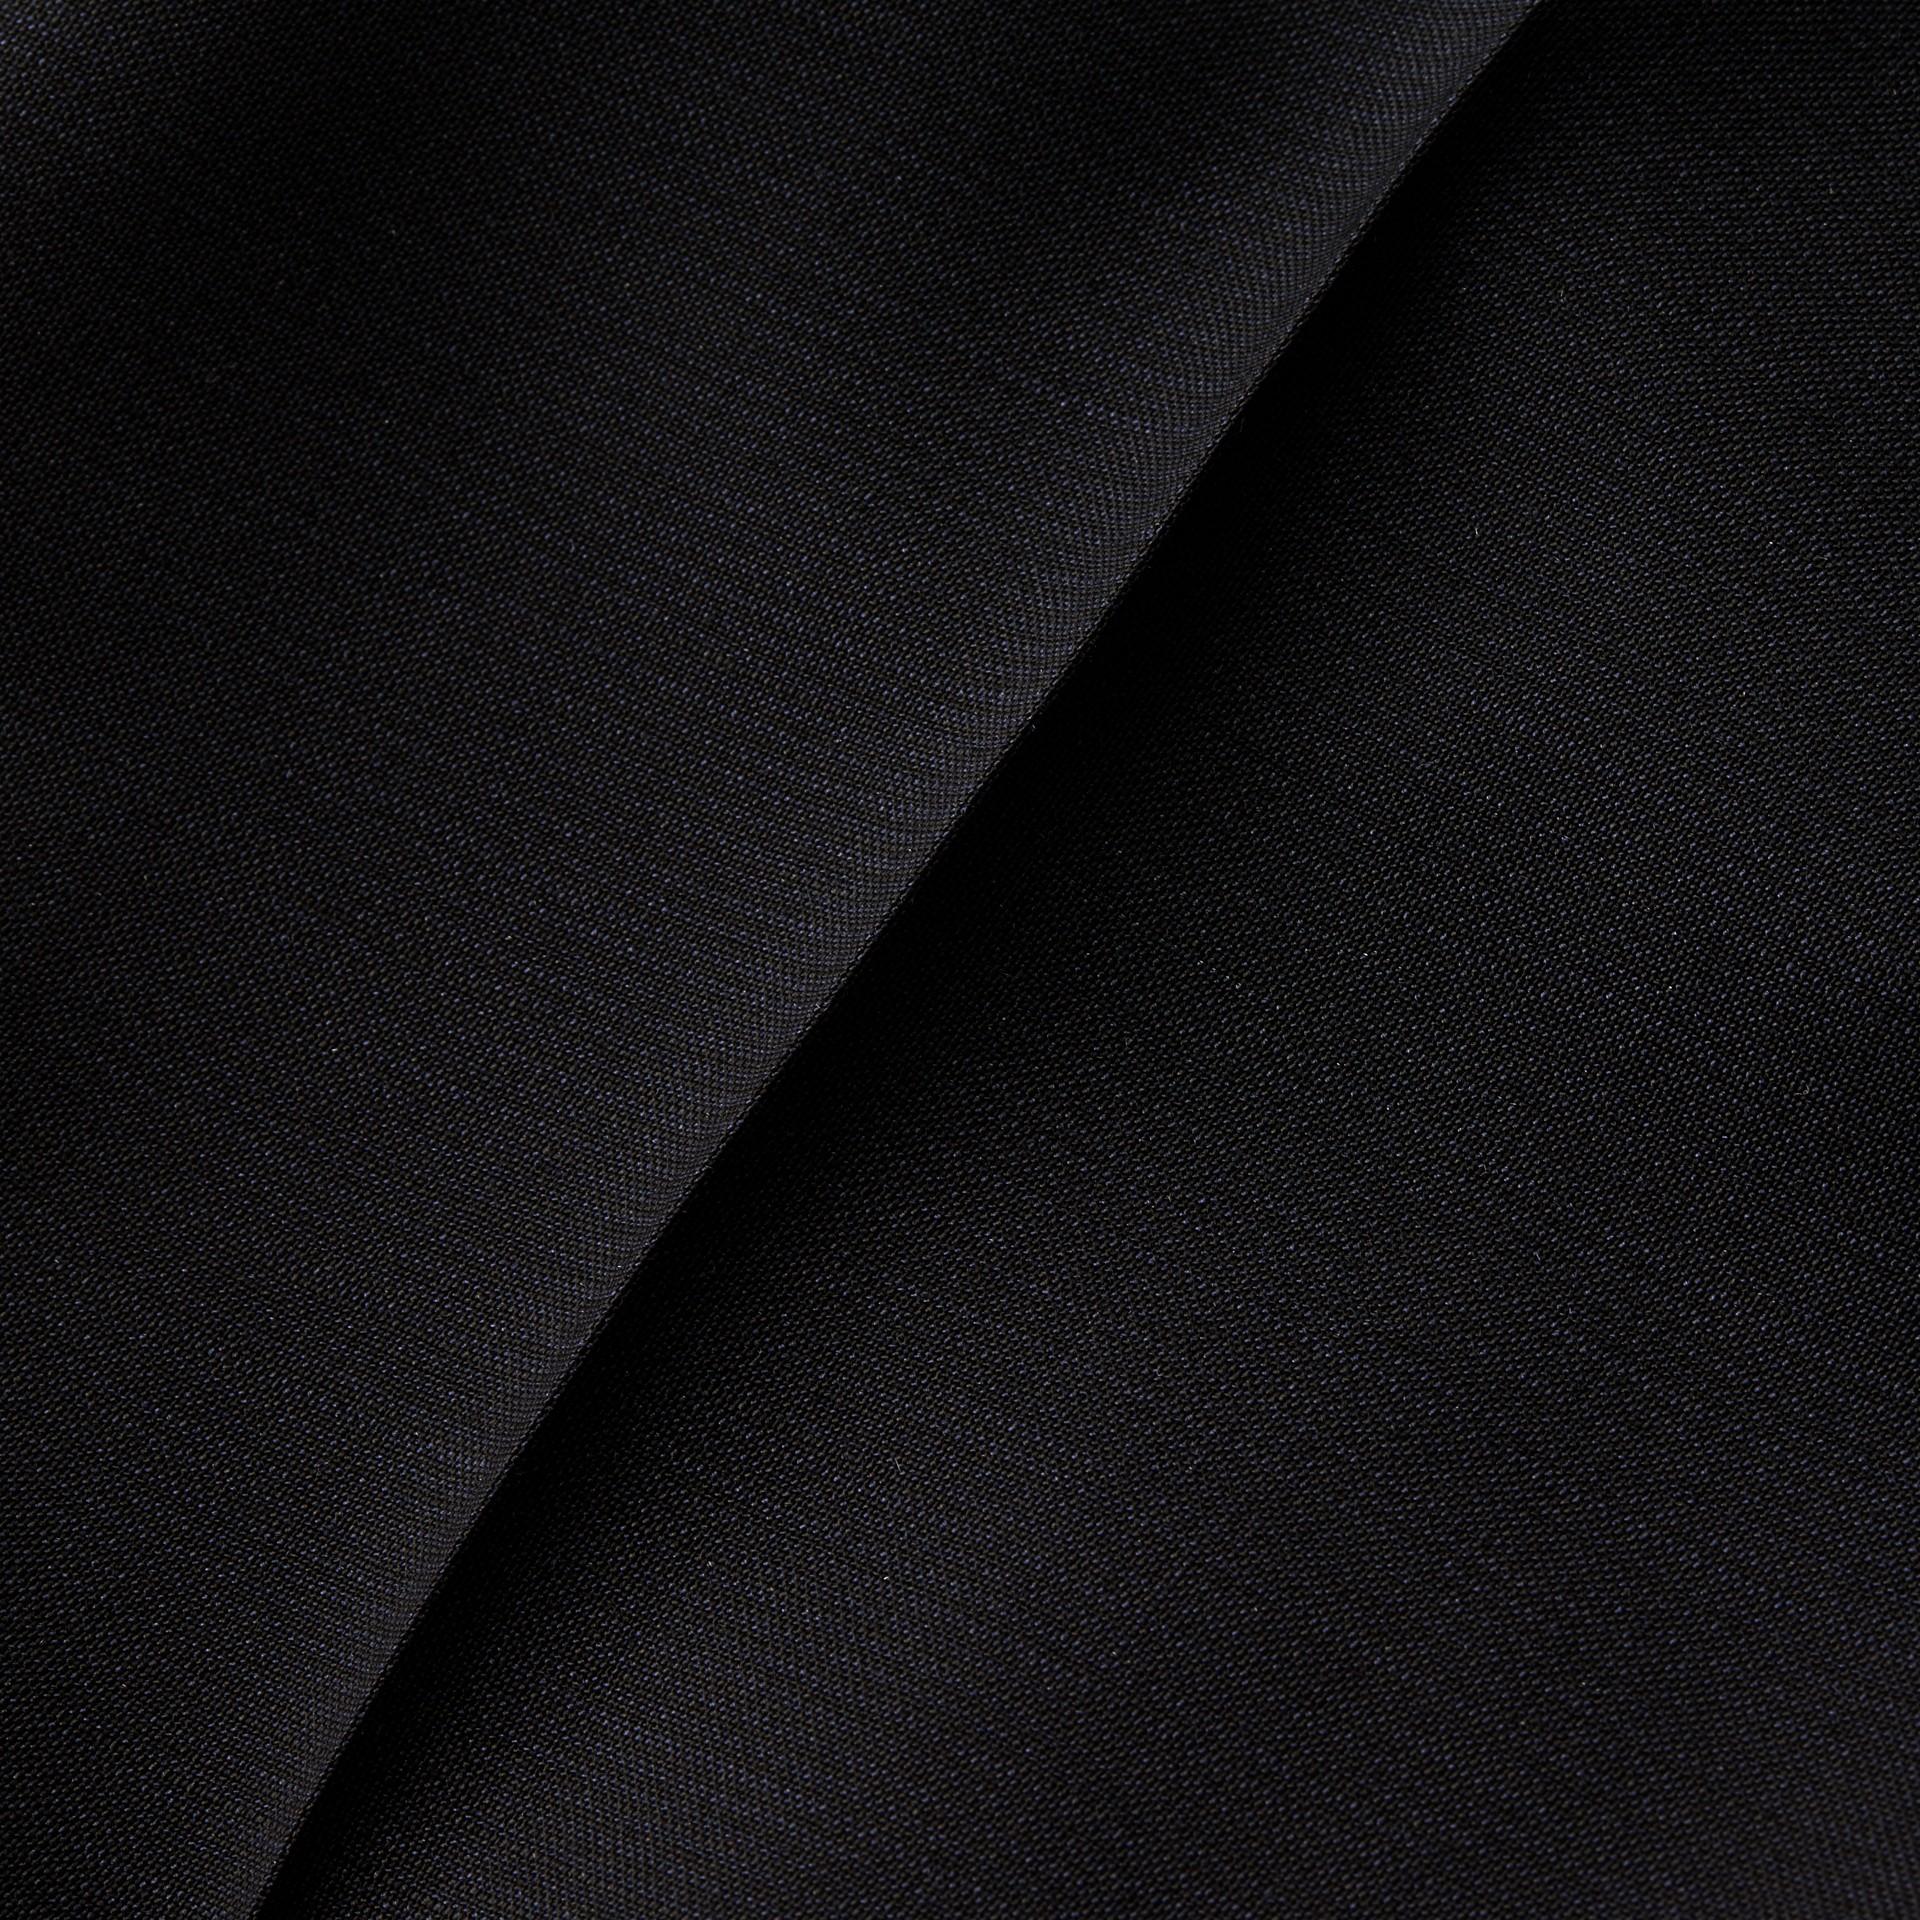 Blu peltro Pantaloni a fondo ampio in misto mohair e lana - immagine della galleria 2